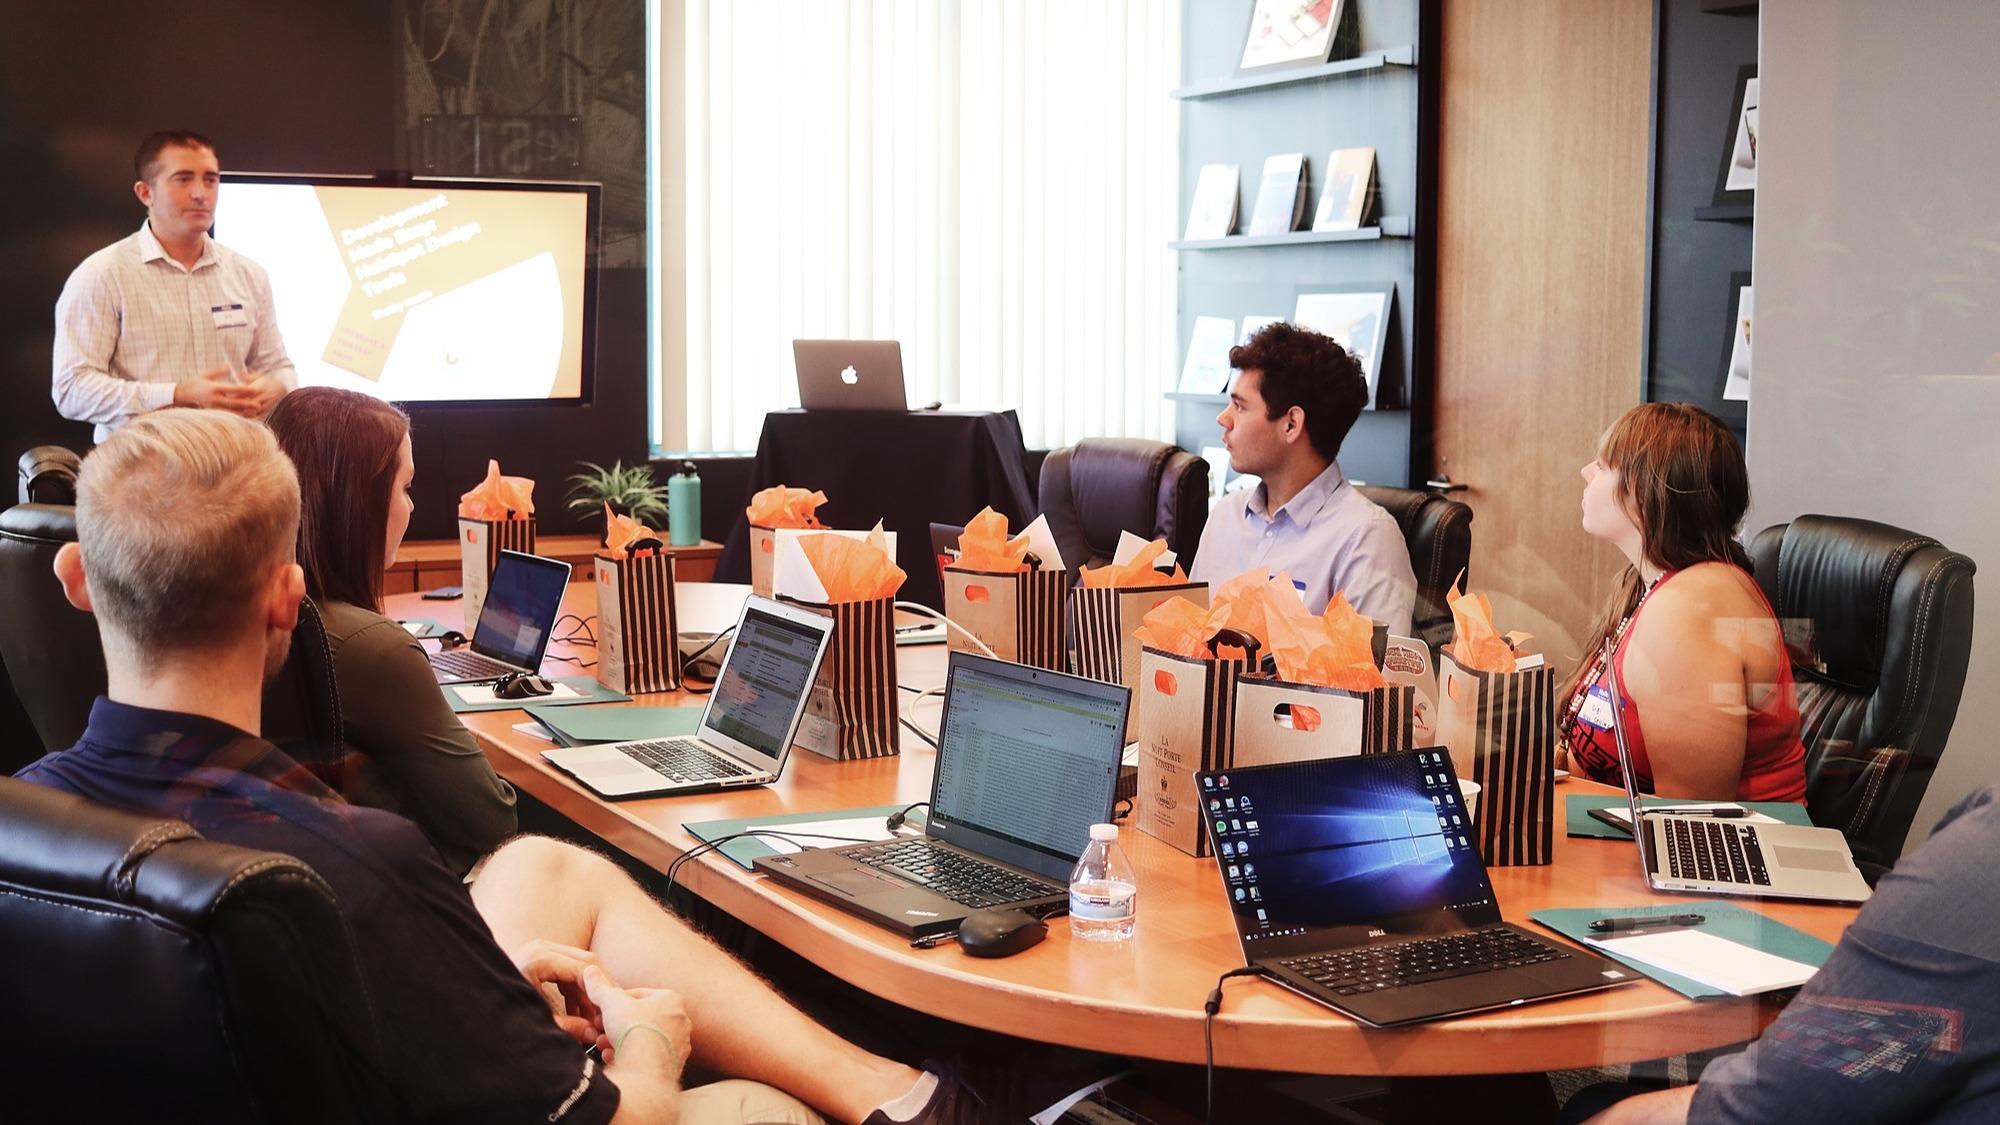 Représentation de la formation : Développer son activité entrepreneuriale grâce au marketing digital - IAD -